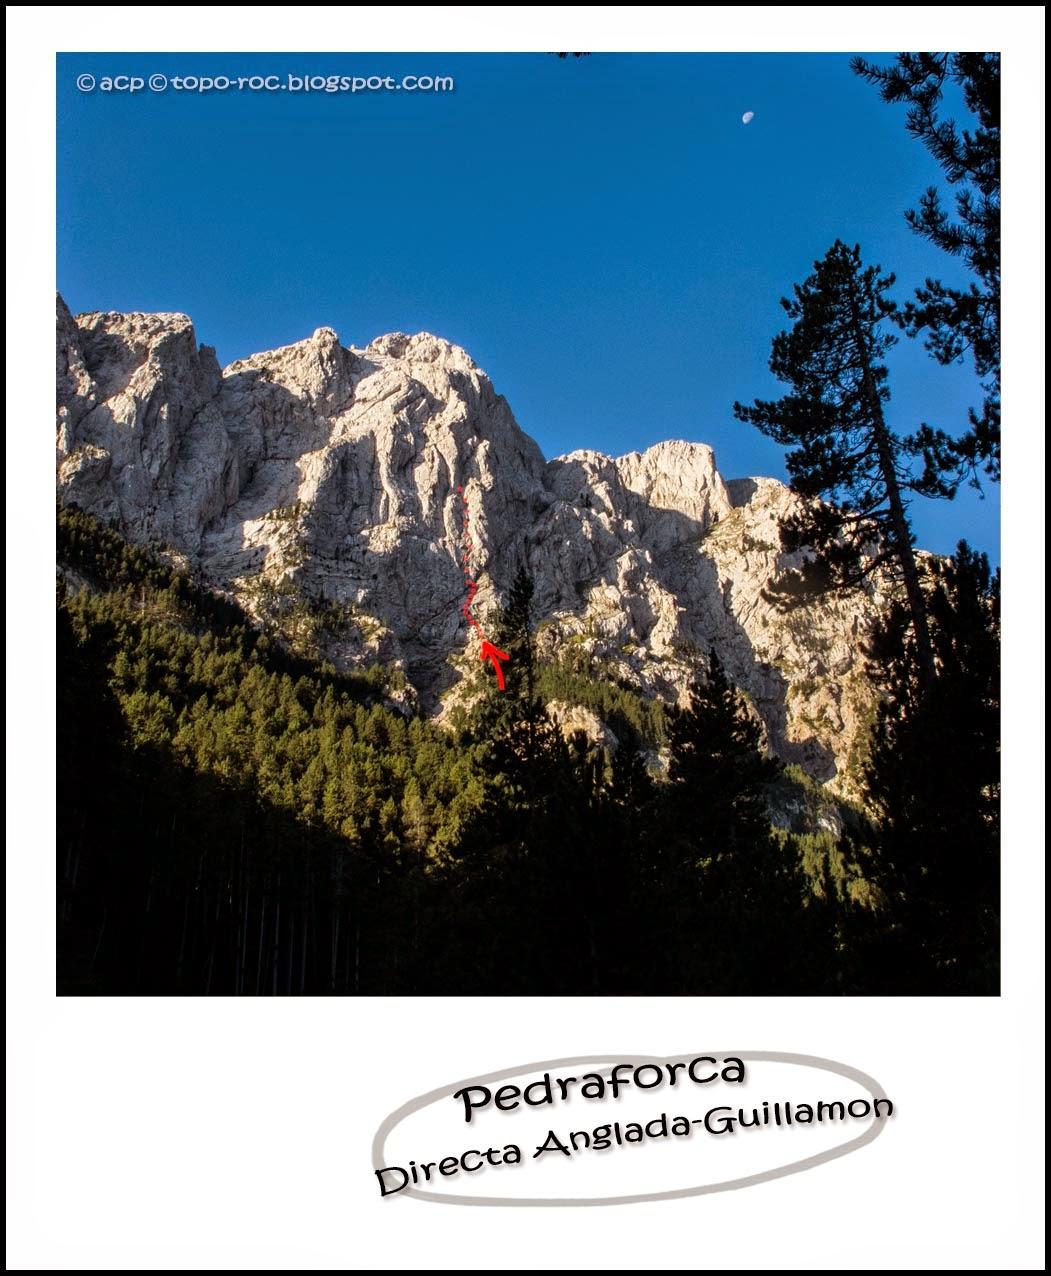 Via-escalada-directa-Anglada-Guillamon